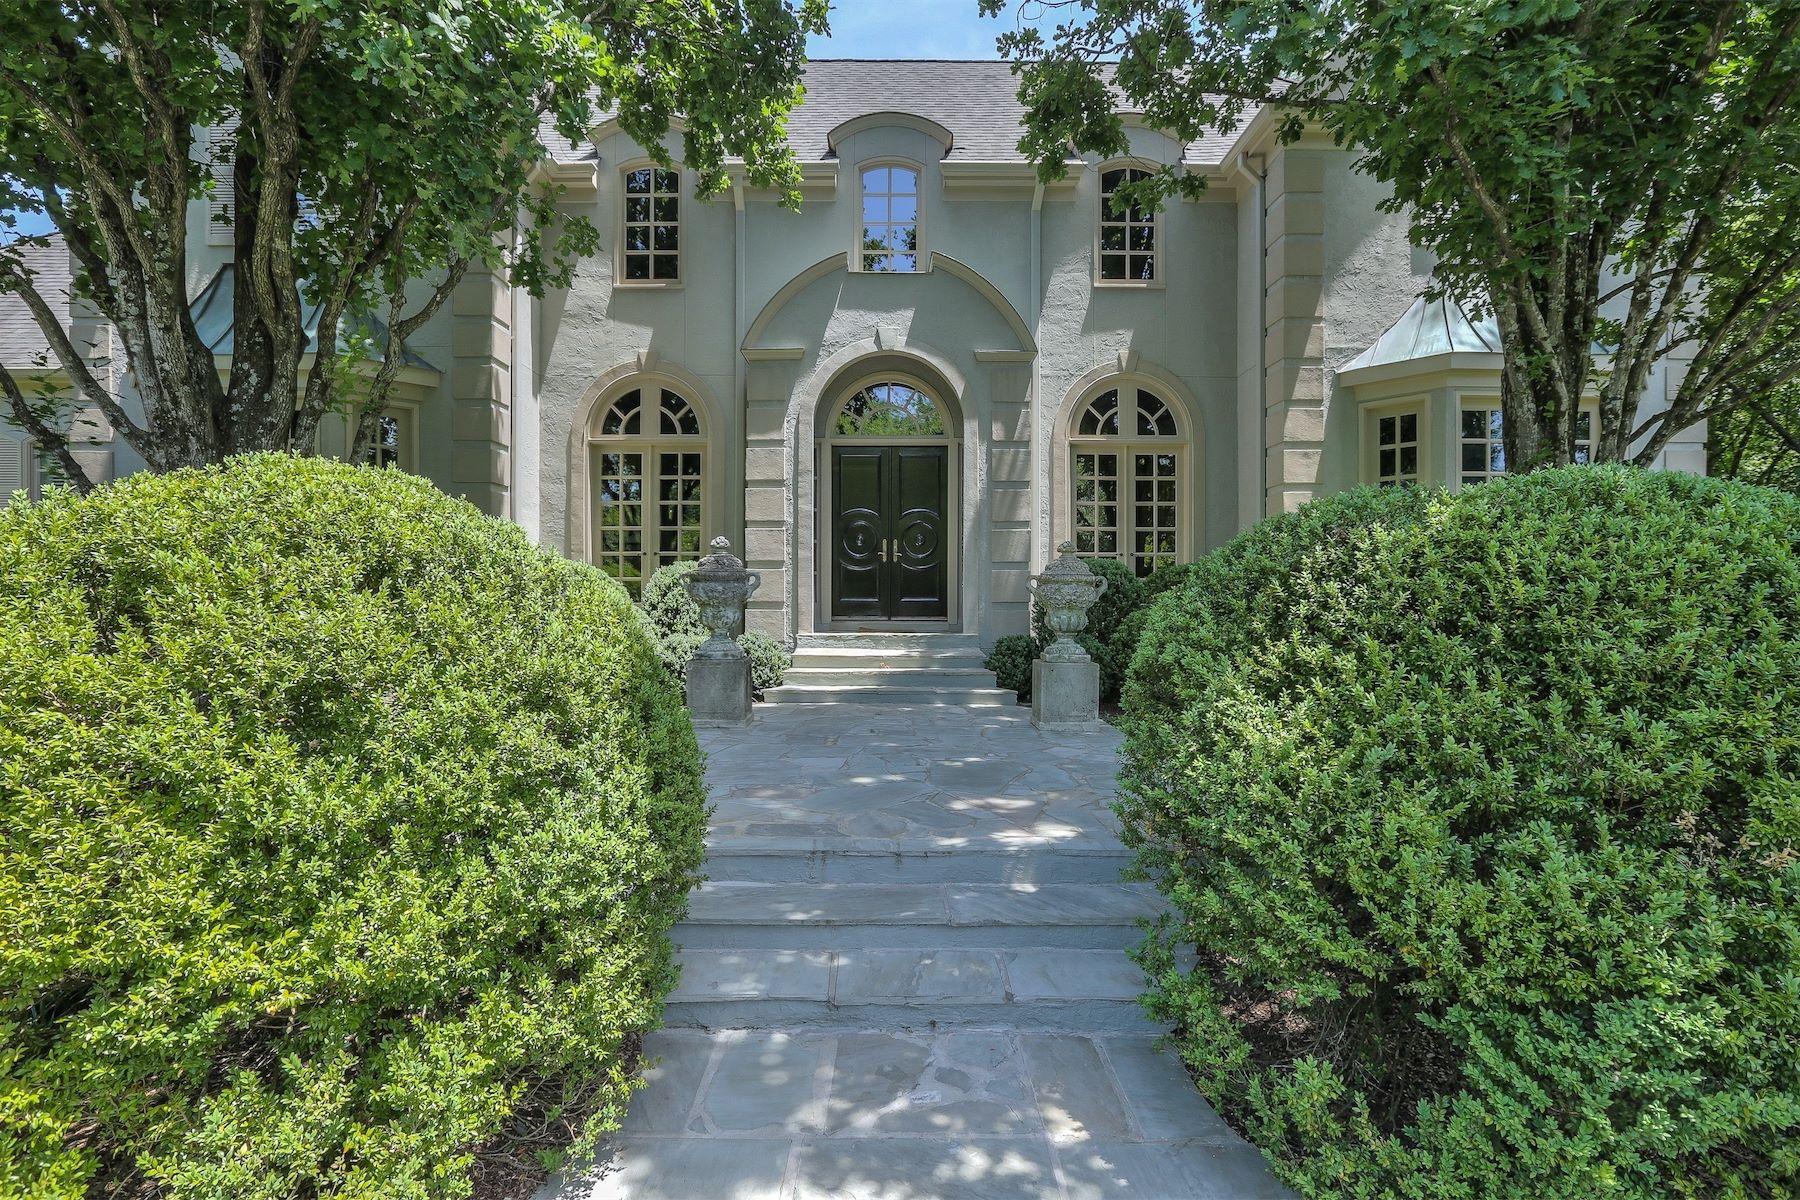 独户住宅 为 销售 在 Custom European Inspired Estate 5906 Hillsboro Pike 那什维尔, 田纳西州 37215 美国